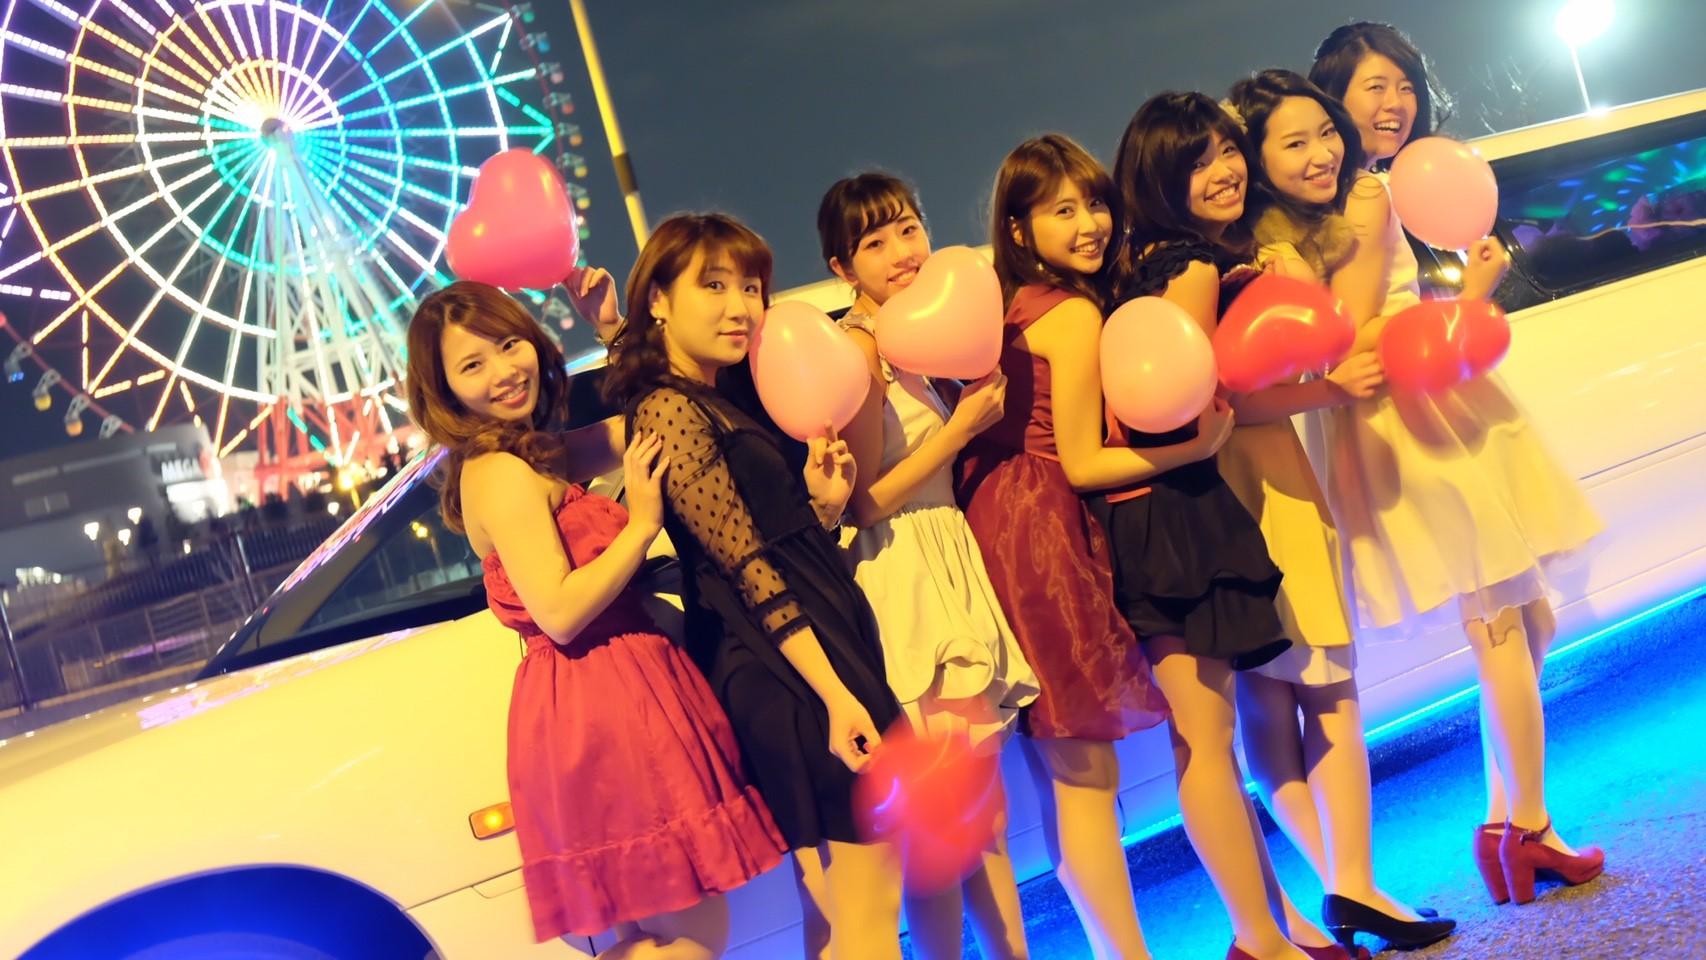 大田区の観覧車の前でリムジンパーティー写真